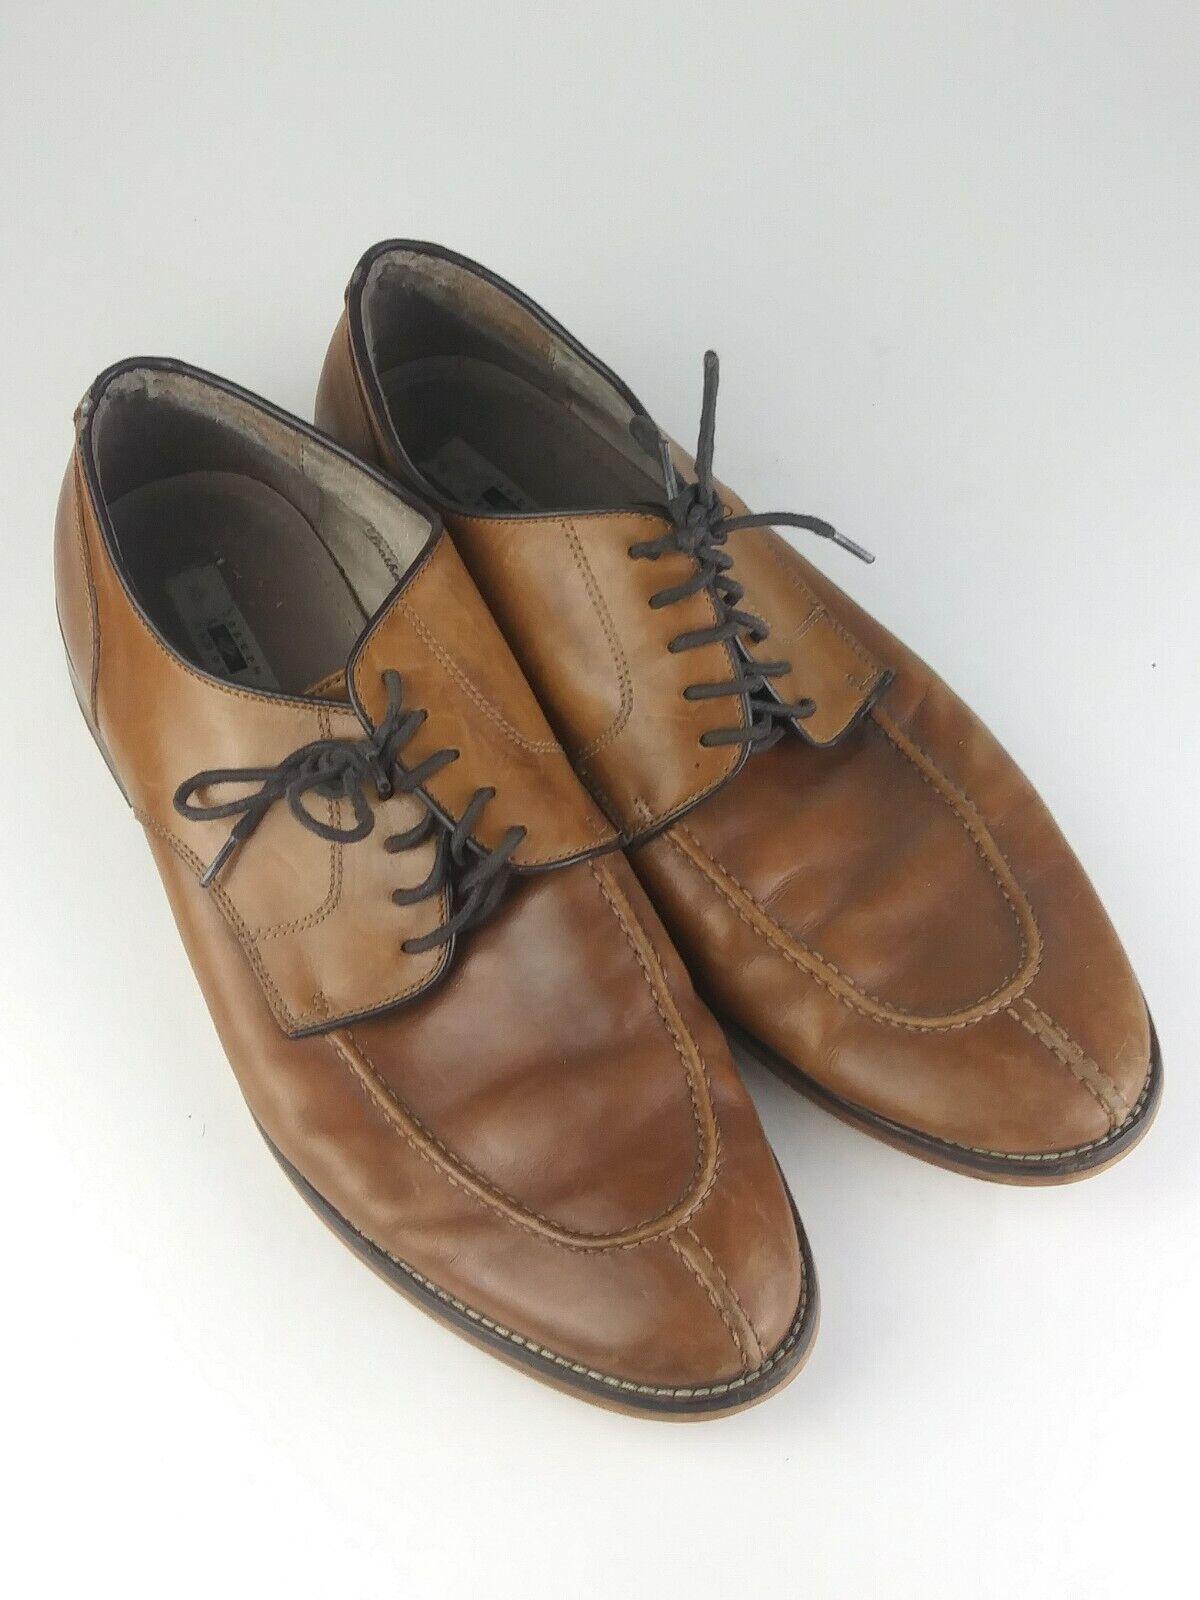 Joseph Abboud Mens Brown Leather Dress Shoes Sz 11